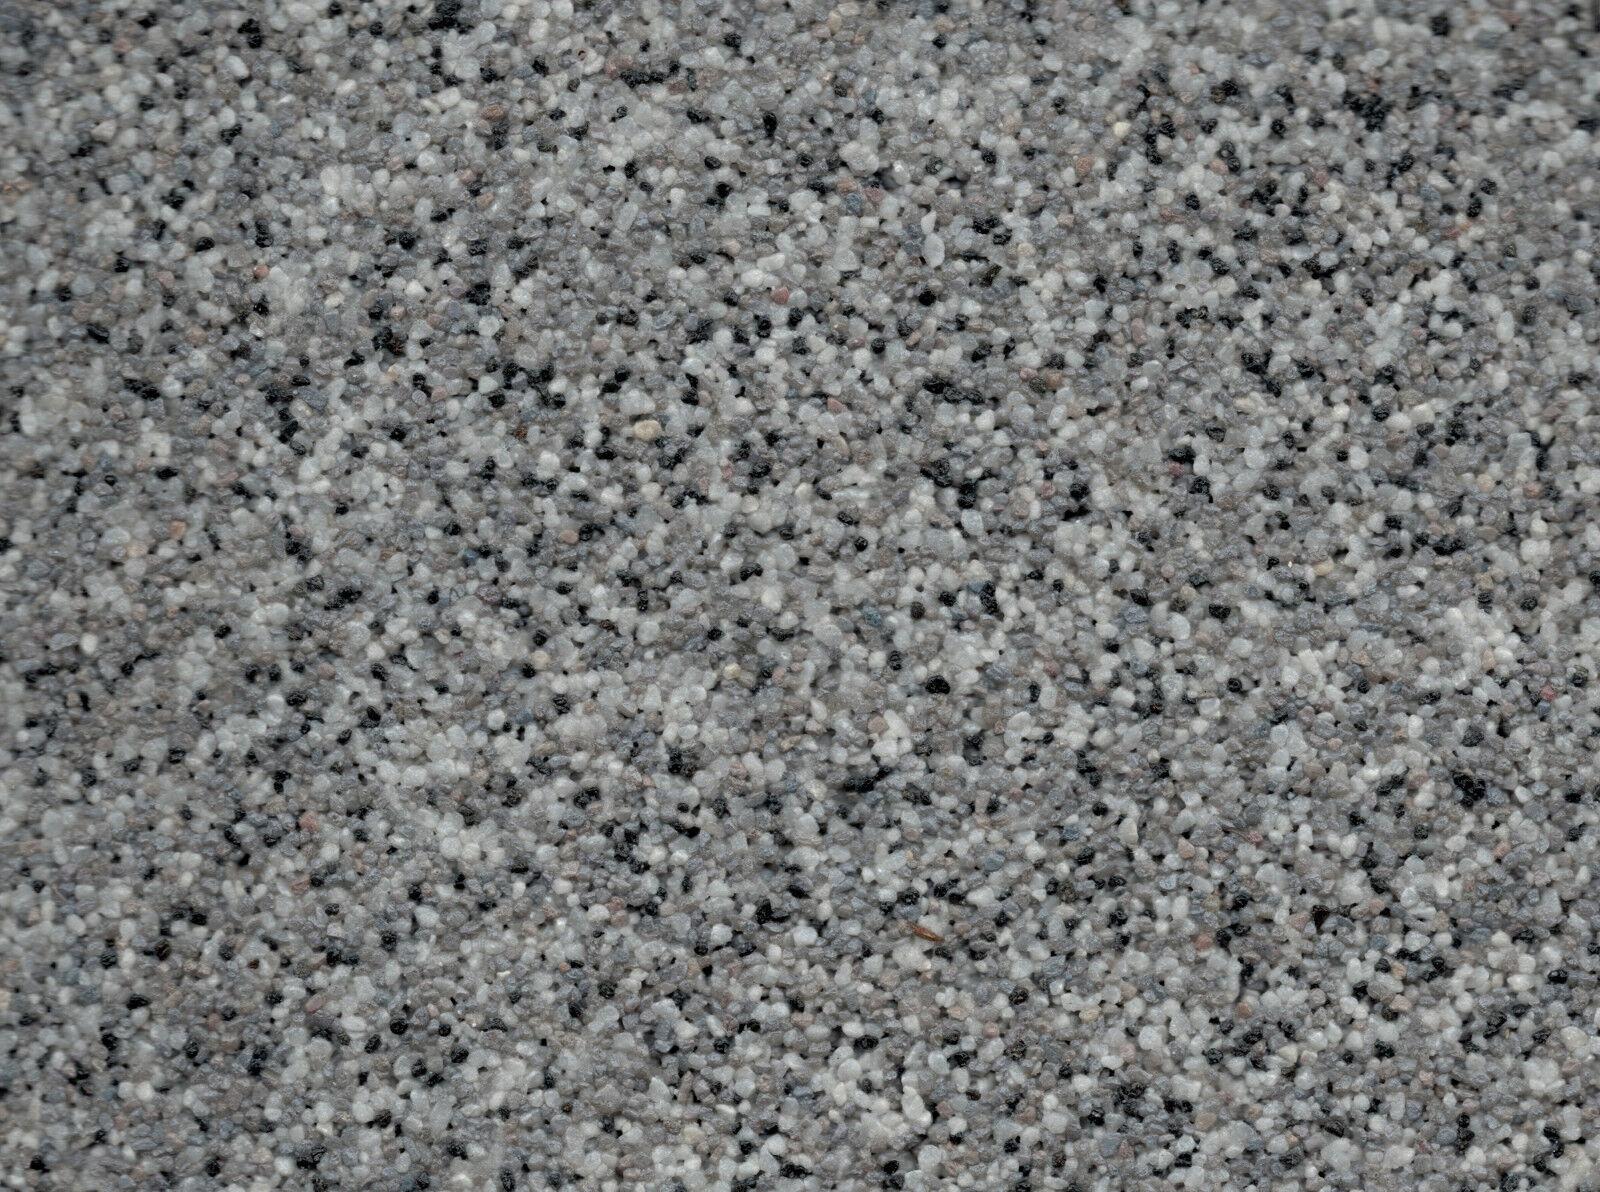 Buntsteinputz Mosaikputz ISO 20 (grau, weiss, schwarz) 20 kg